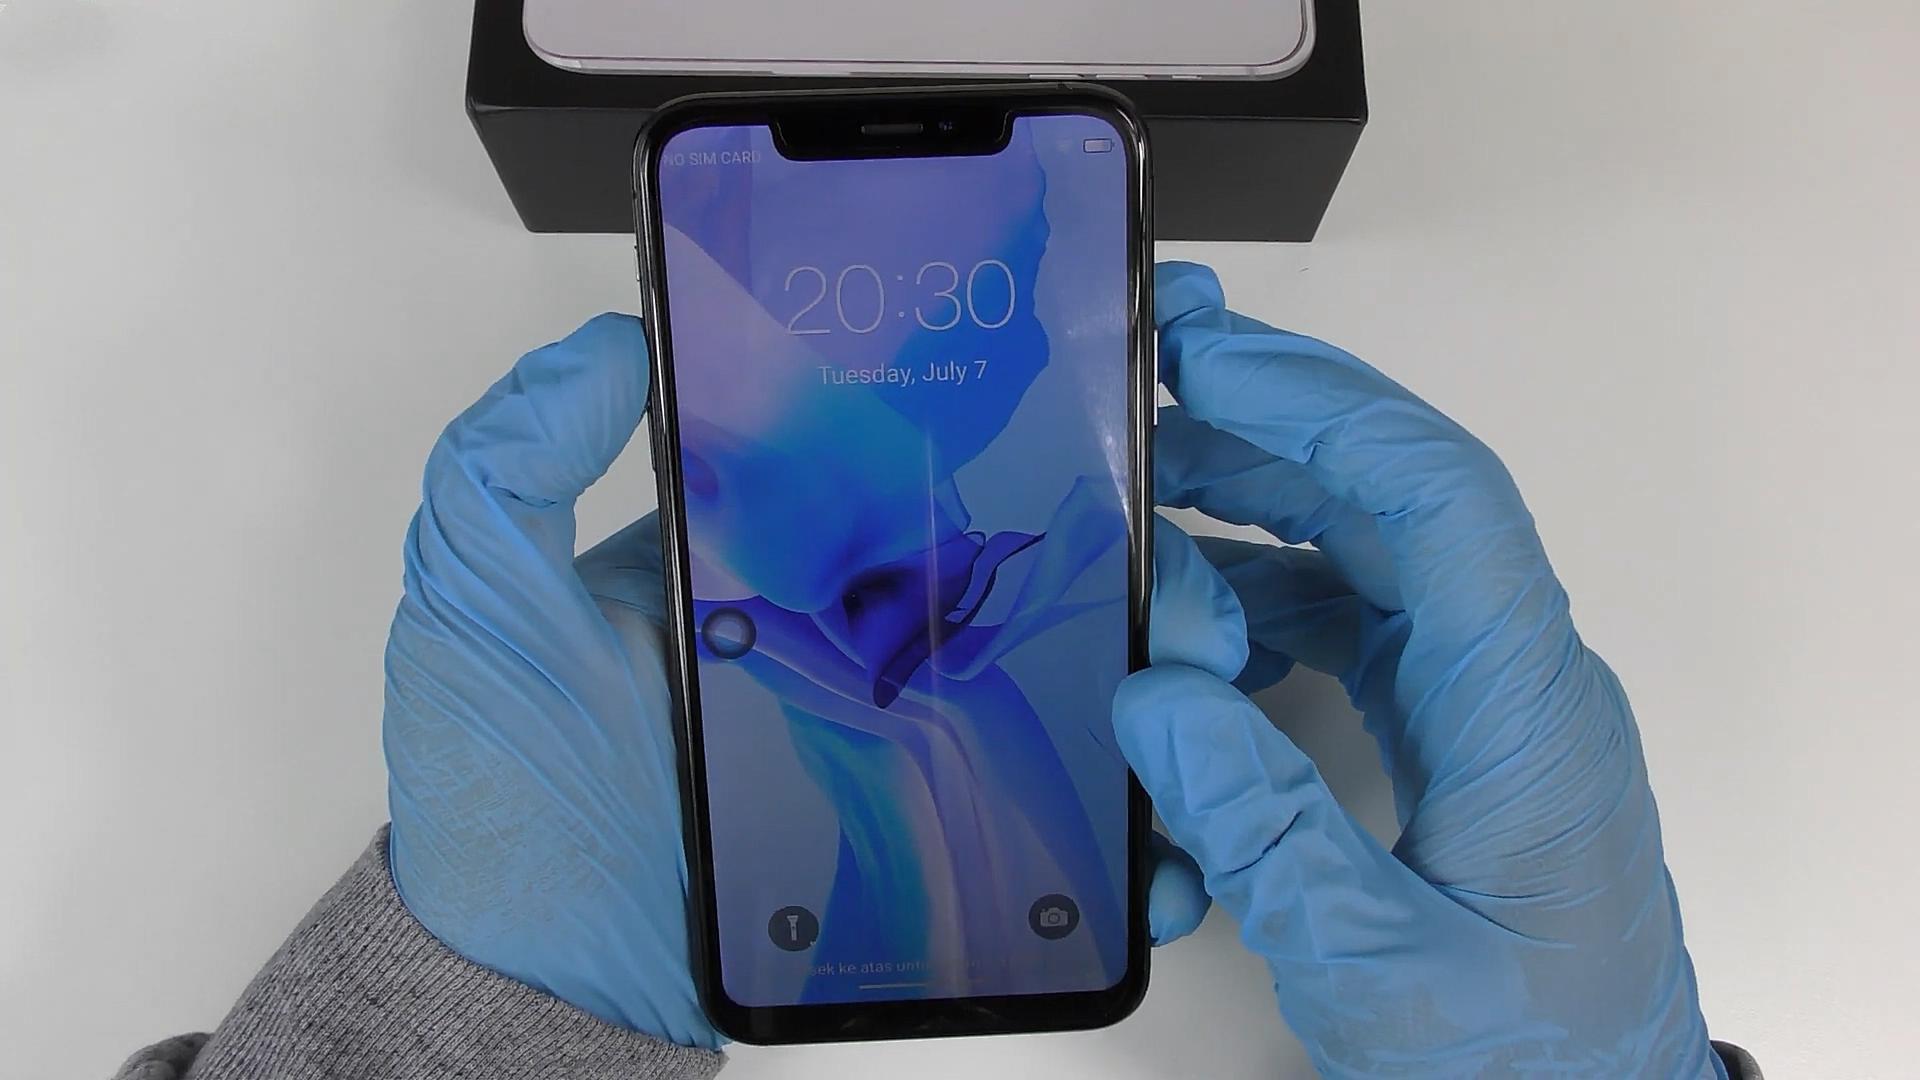 国内iPhone12Pro山寨手机拆箱:关键点十分注重,无法给恶意差评